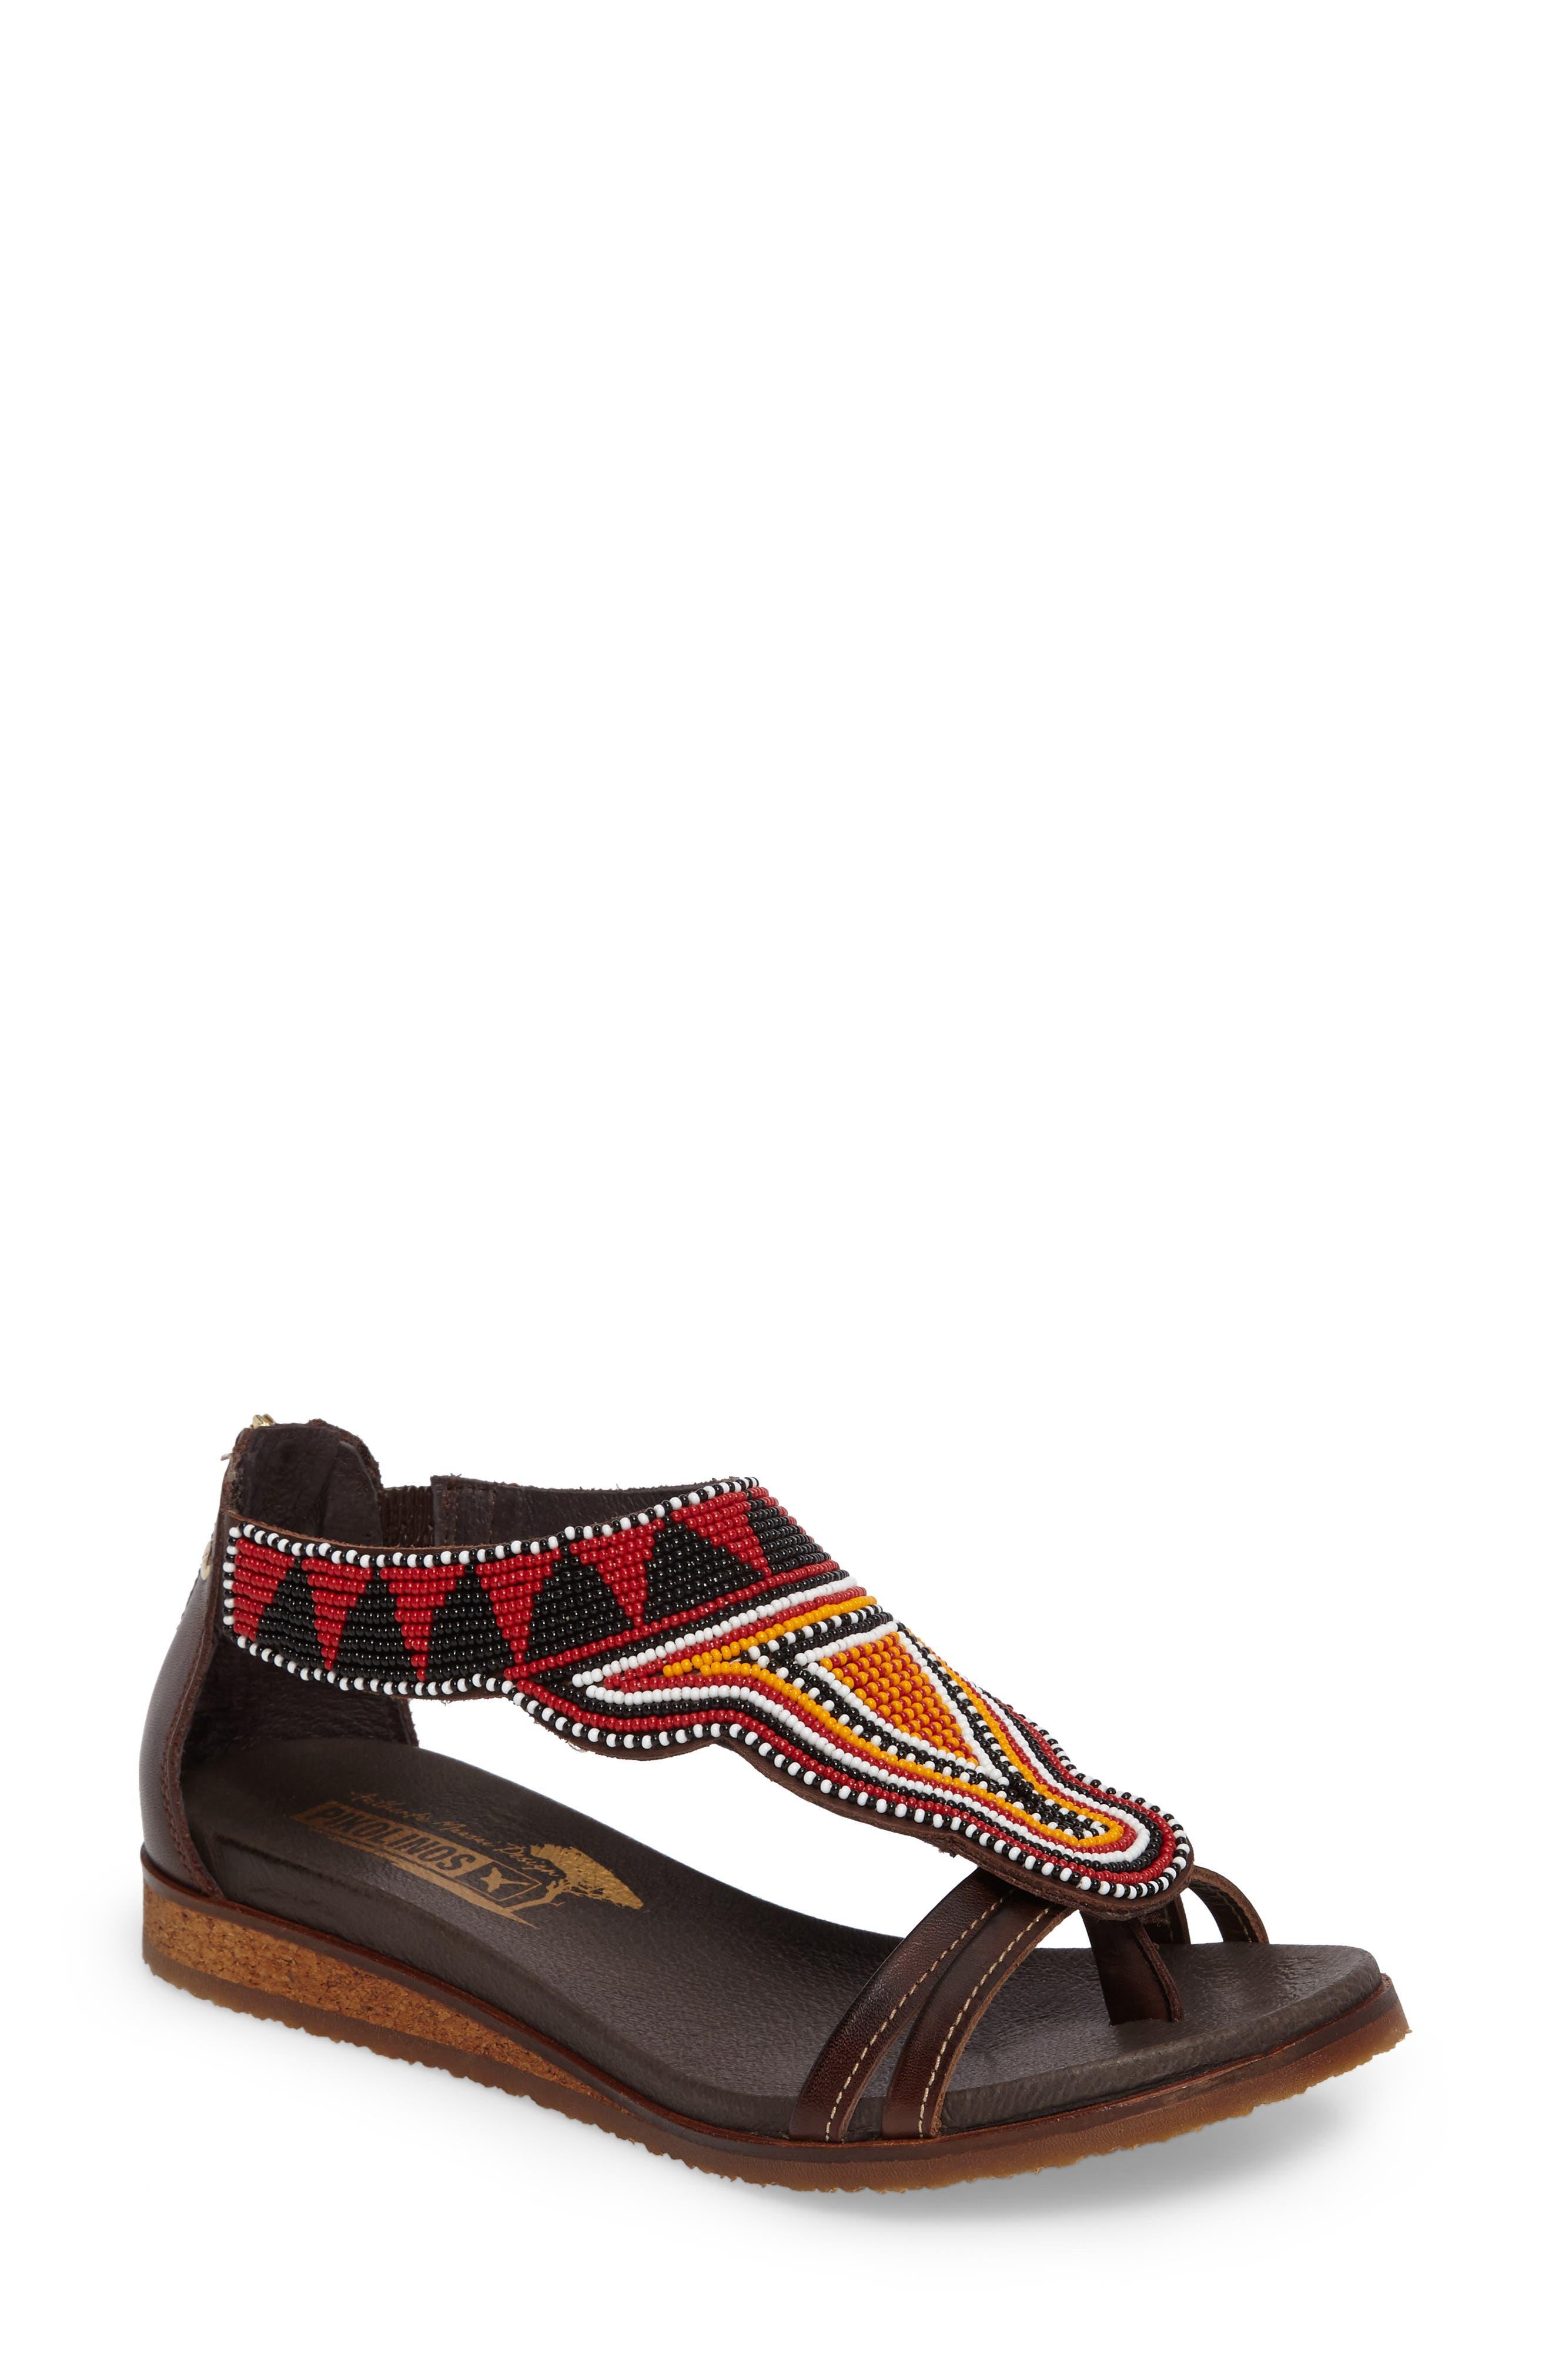 PIKOLINOS Antillas Thong Sandal (Women)